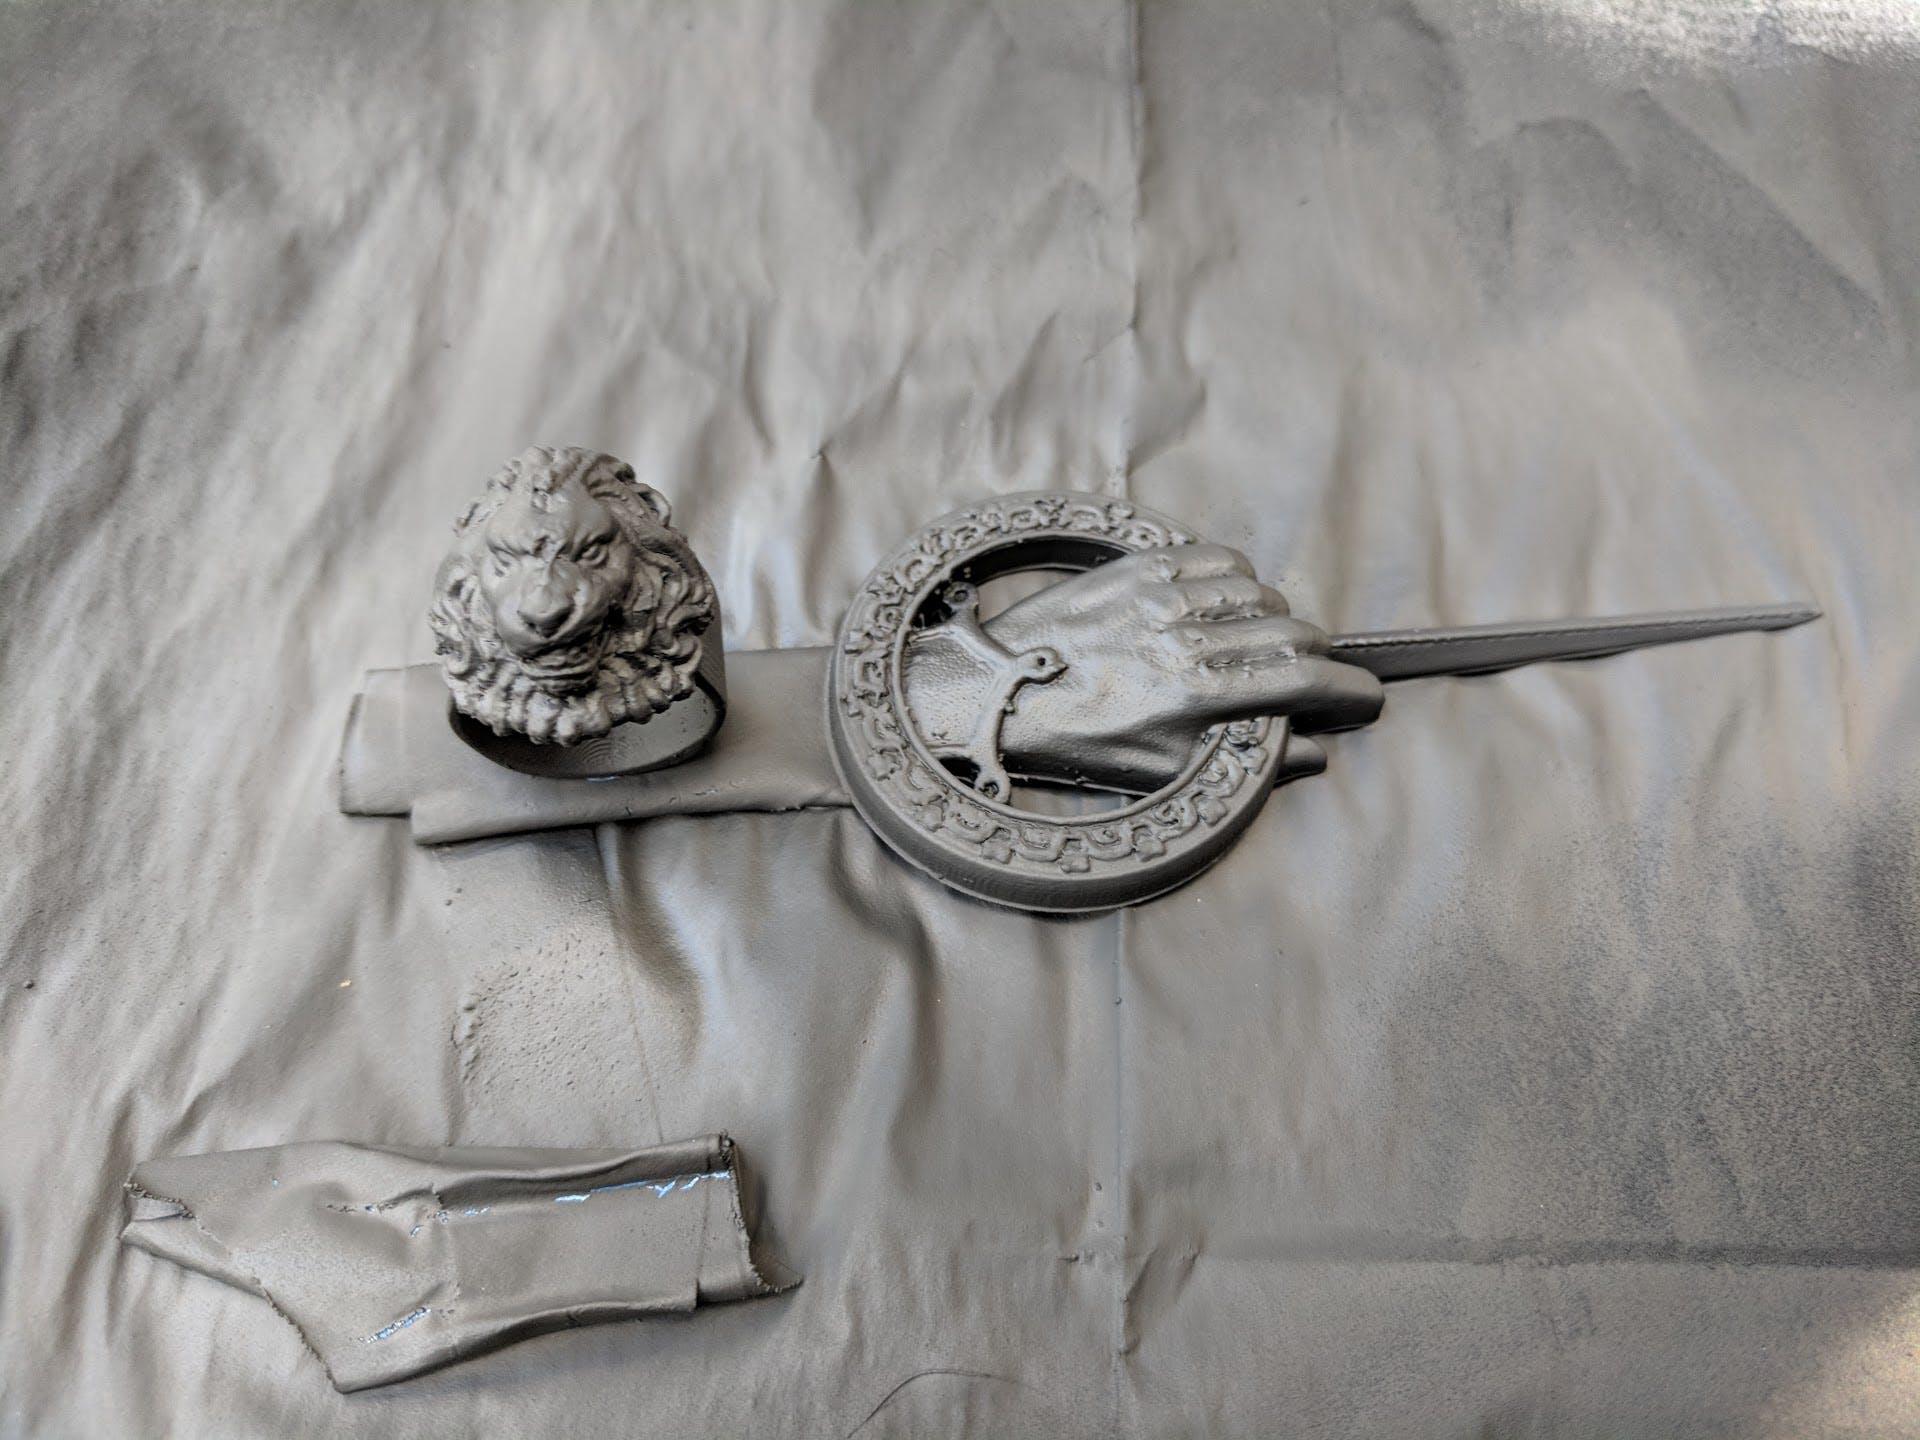 Conductive paint on 3D prints